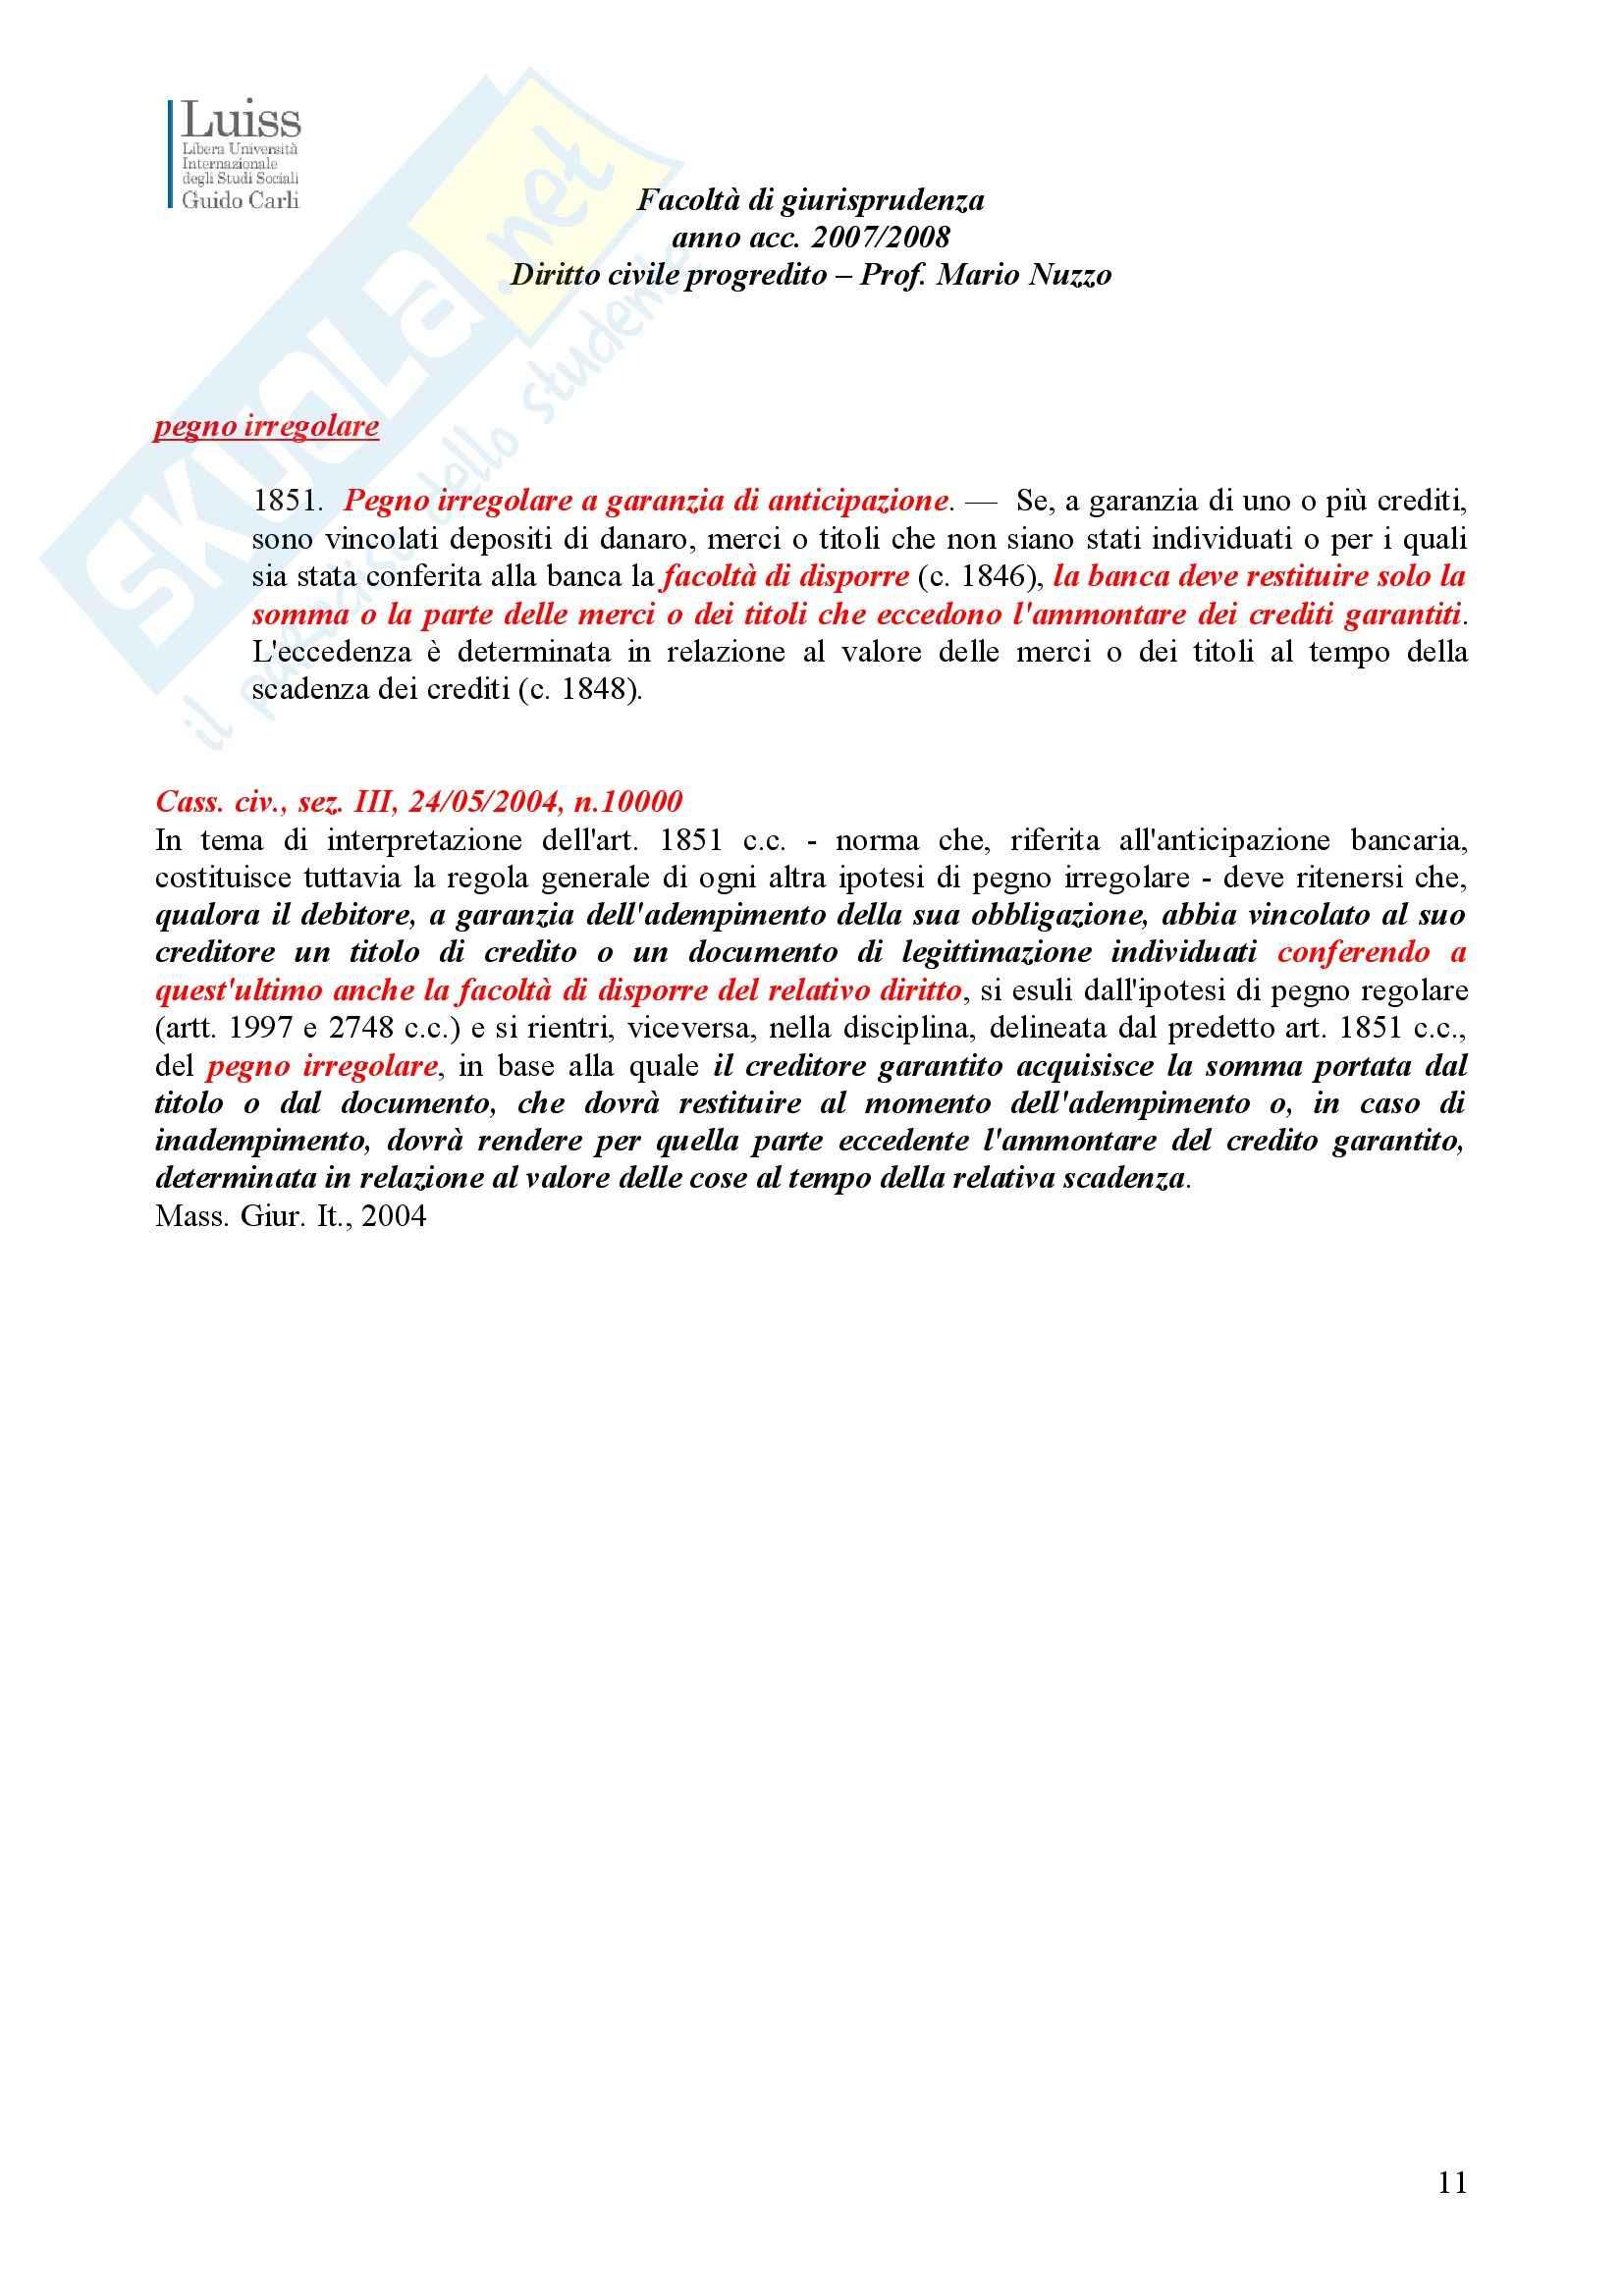 Diritto civile - pegno e ipoteca Pag. 11